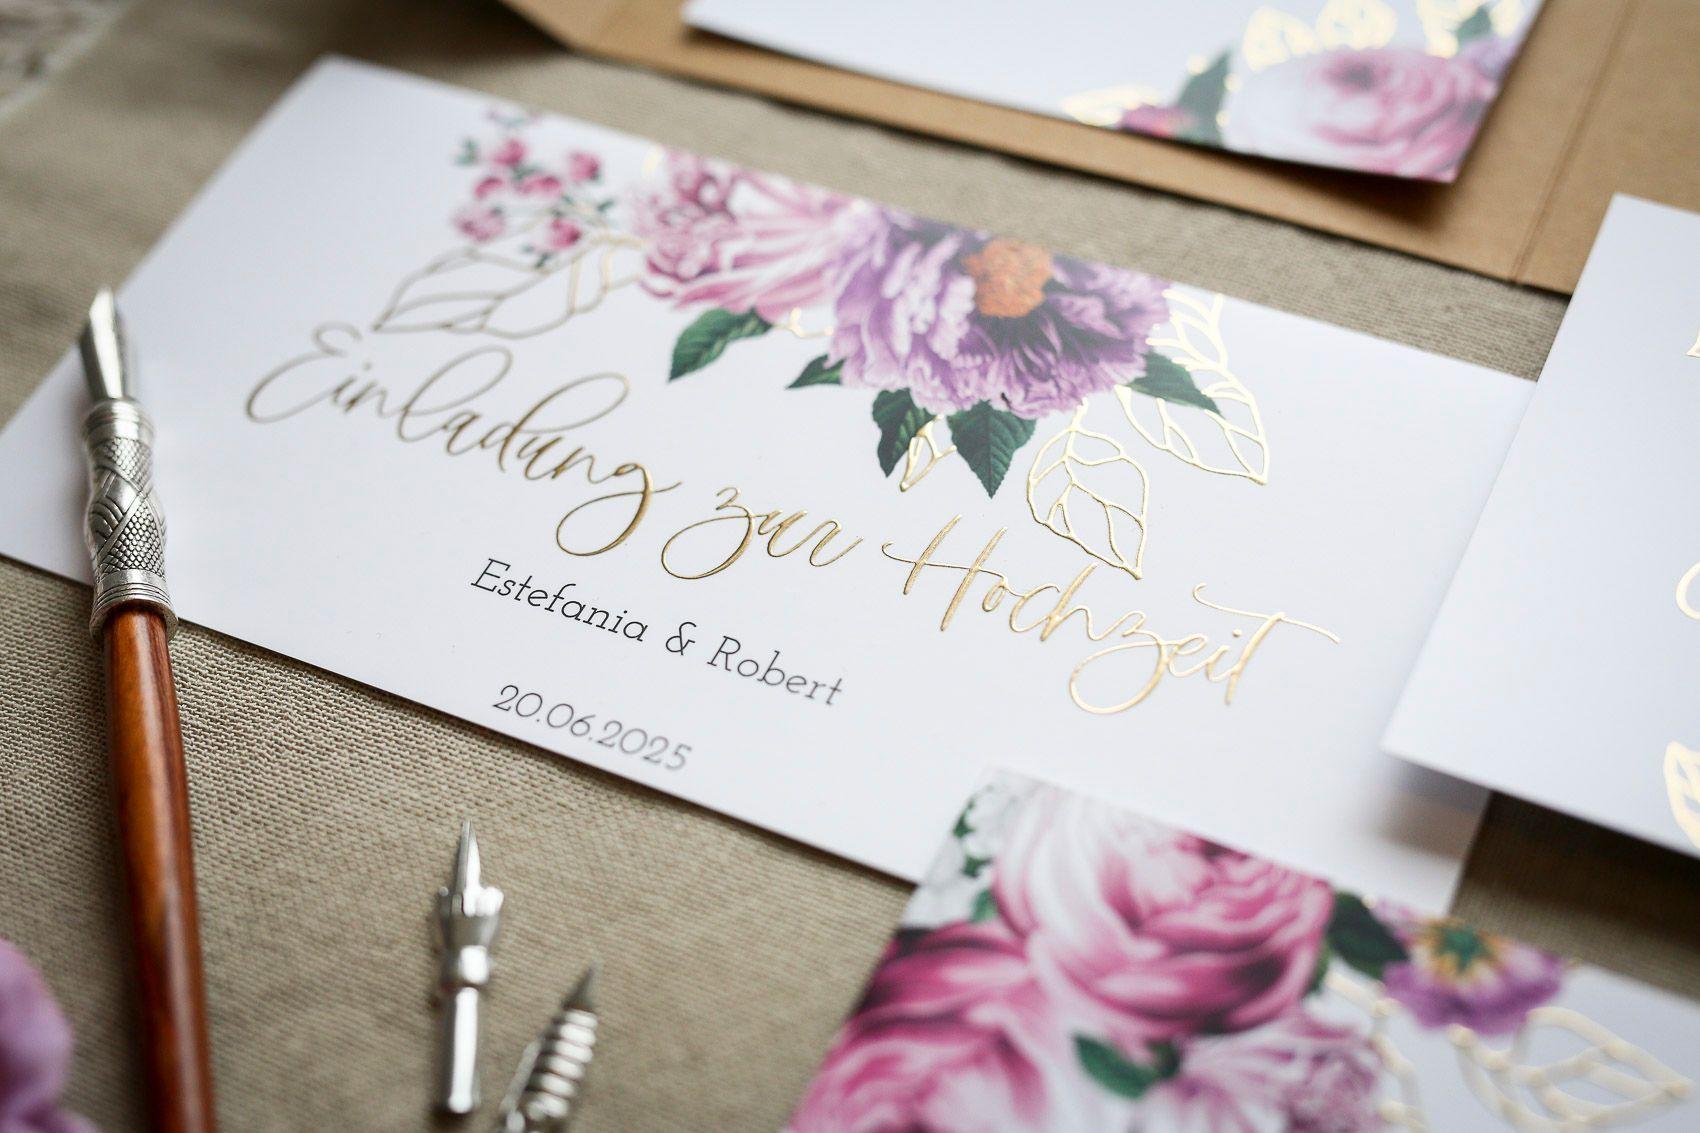 Hochzeitskarten Einladungskarten Zur Hochzeit Online Gestalten In 2020 Einladungskarten Hochzeit Karte Hochzeit Hochzeitskarten